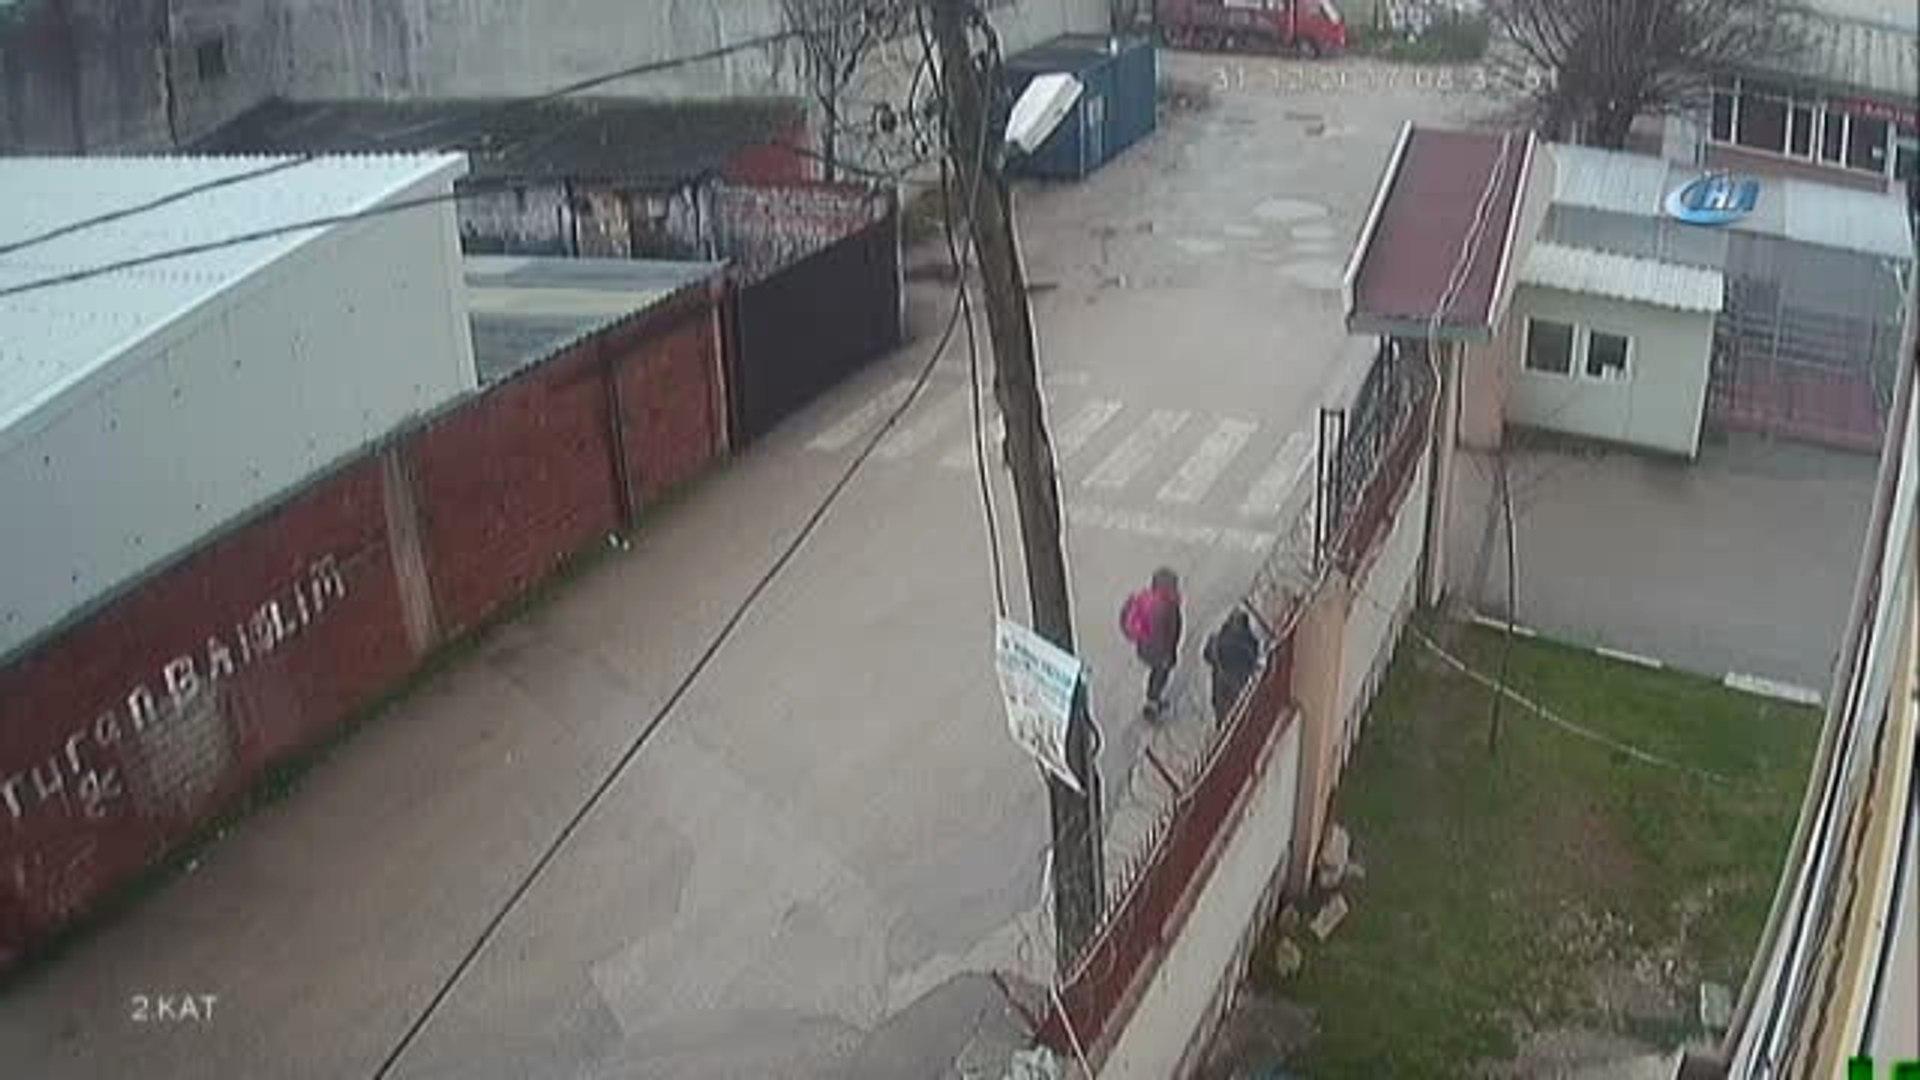 Son Olarak Okulun Kamerasına Takıldı.... Gözü Yaşlı Baba 10 Gündür Kayıp Liseli Kızını Arıyor